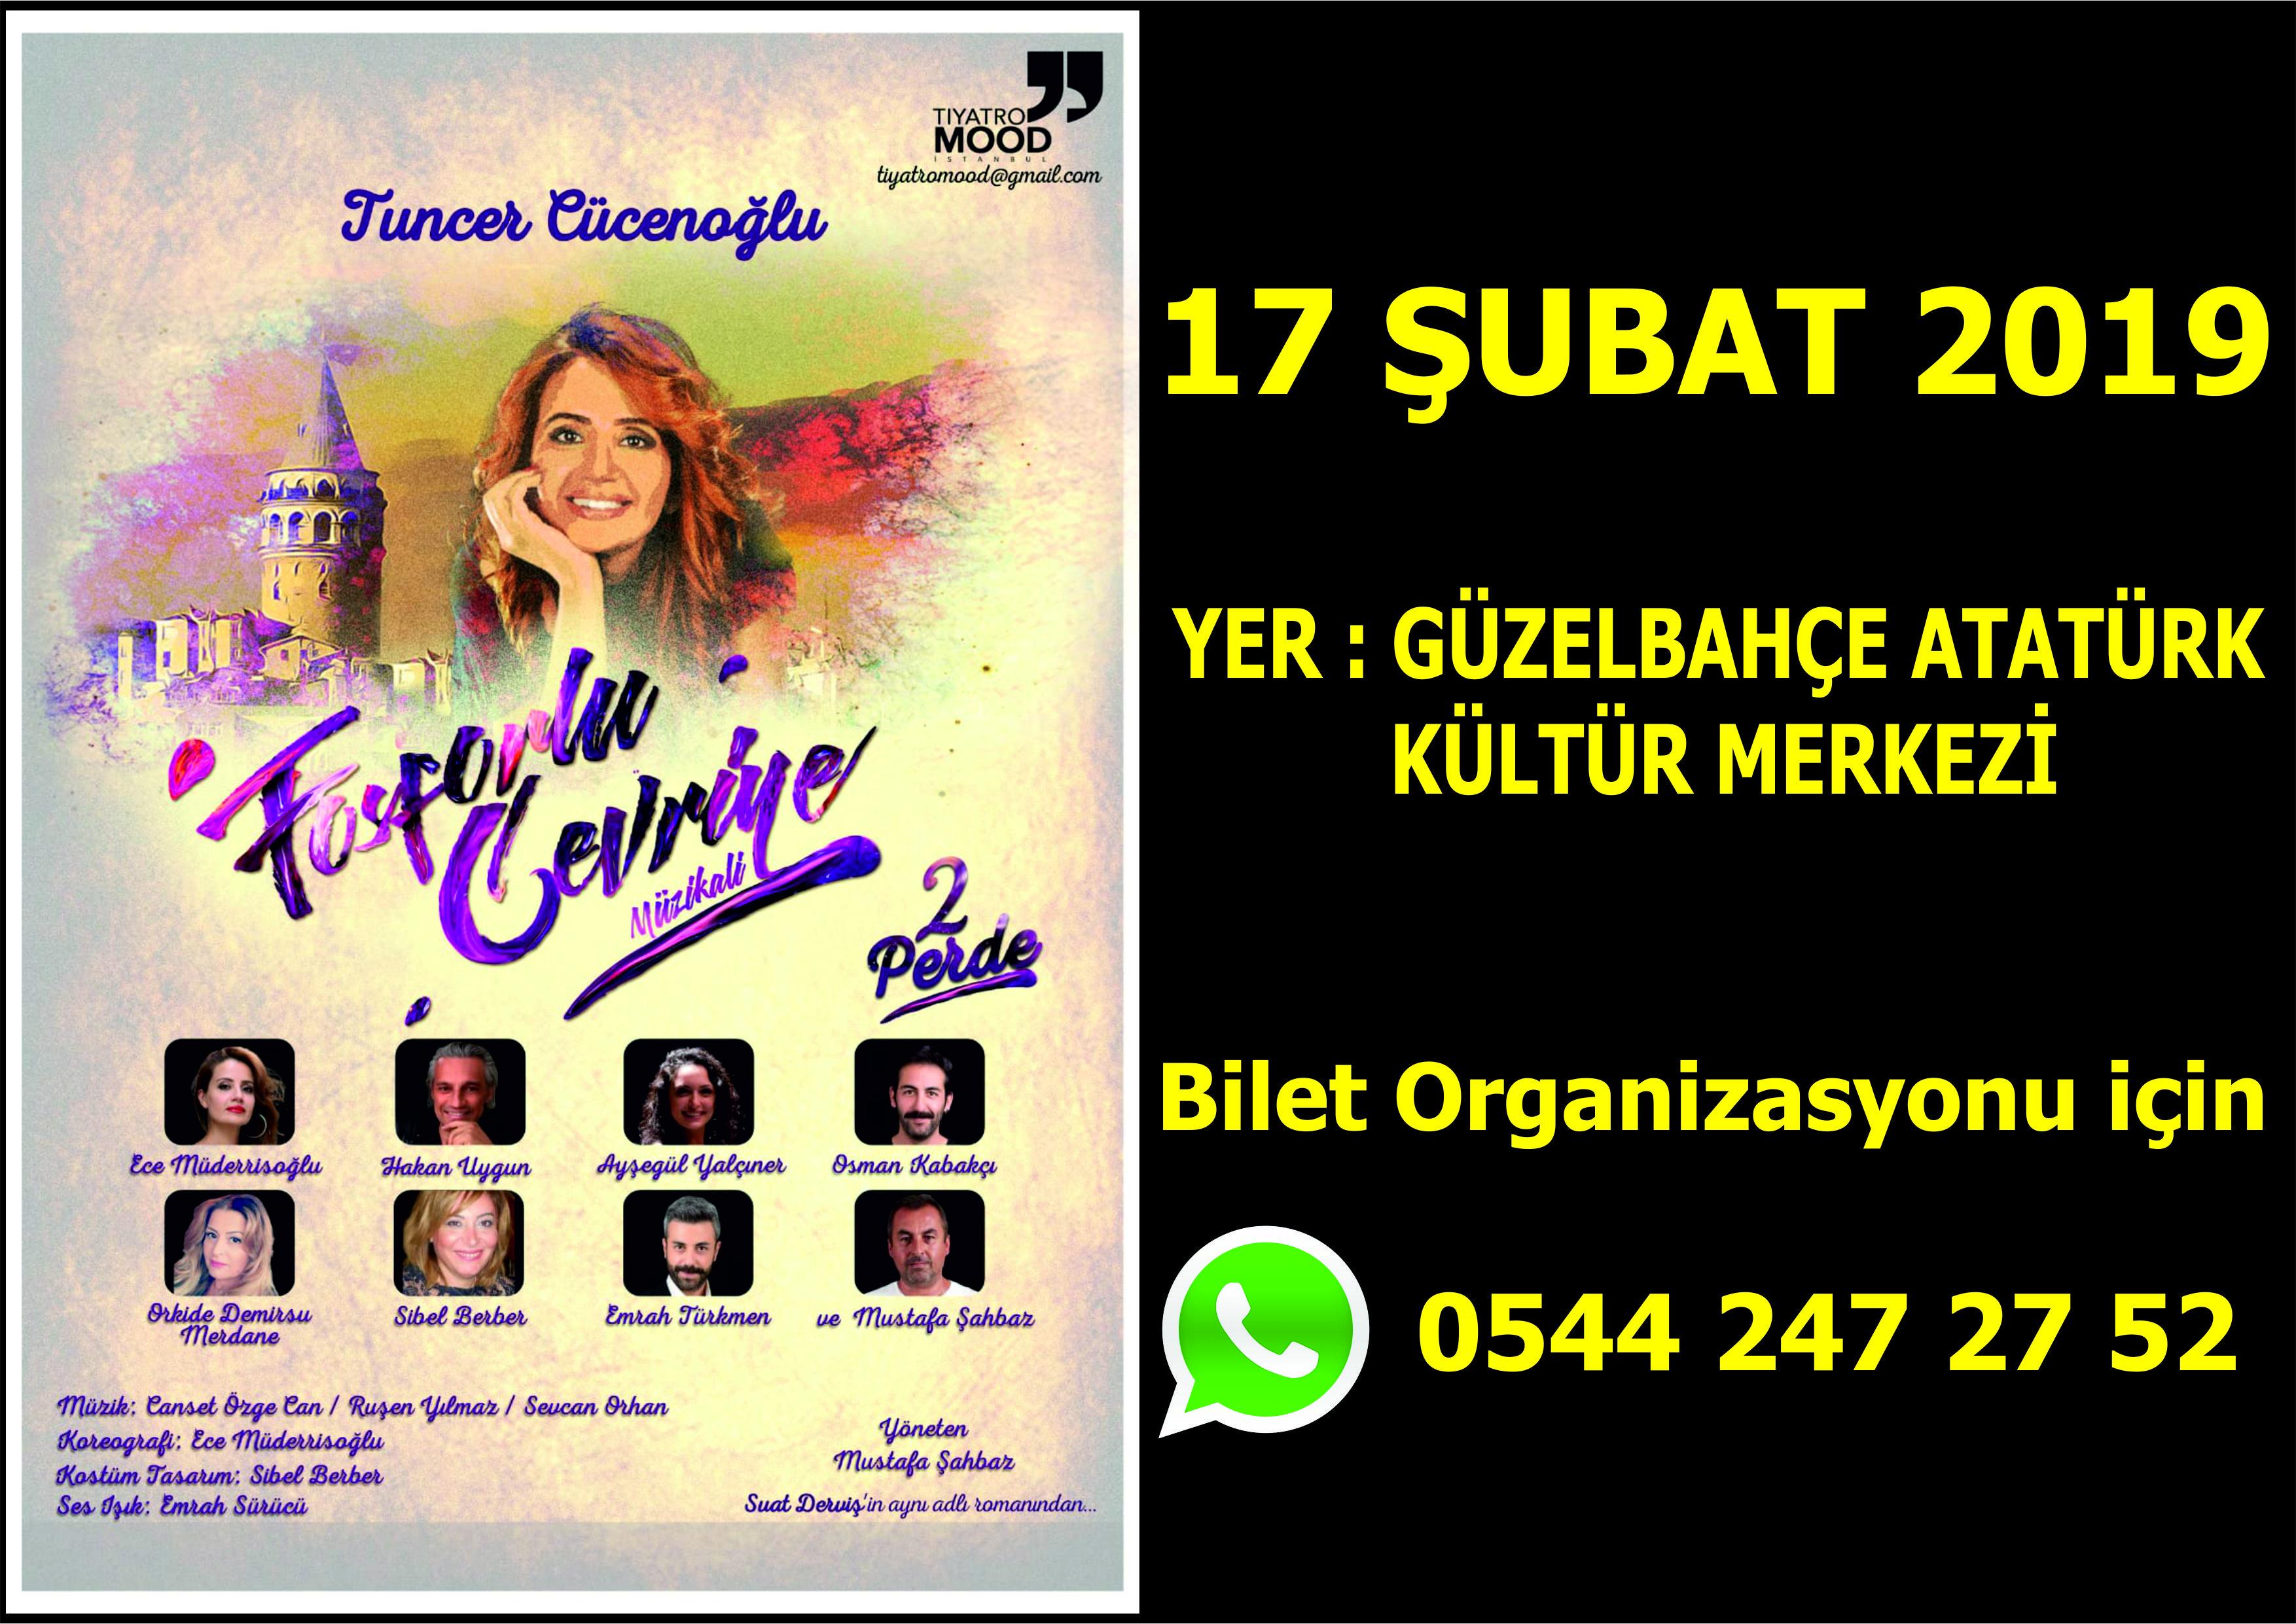 Fosforlu Cevriye 17 Şubat 2019 Pazar Güzelbahçe Atatürk Kültür Merkezi'nde